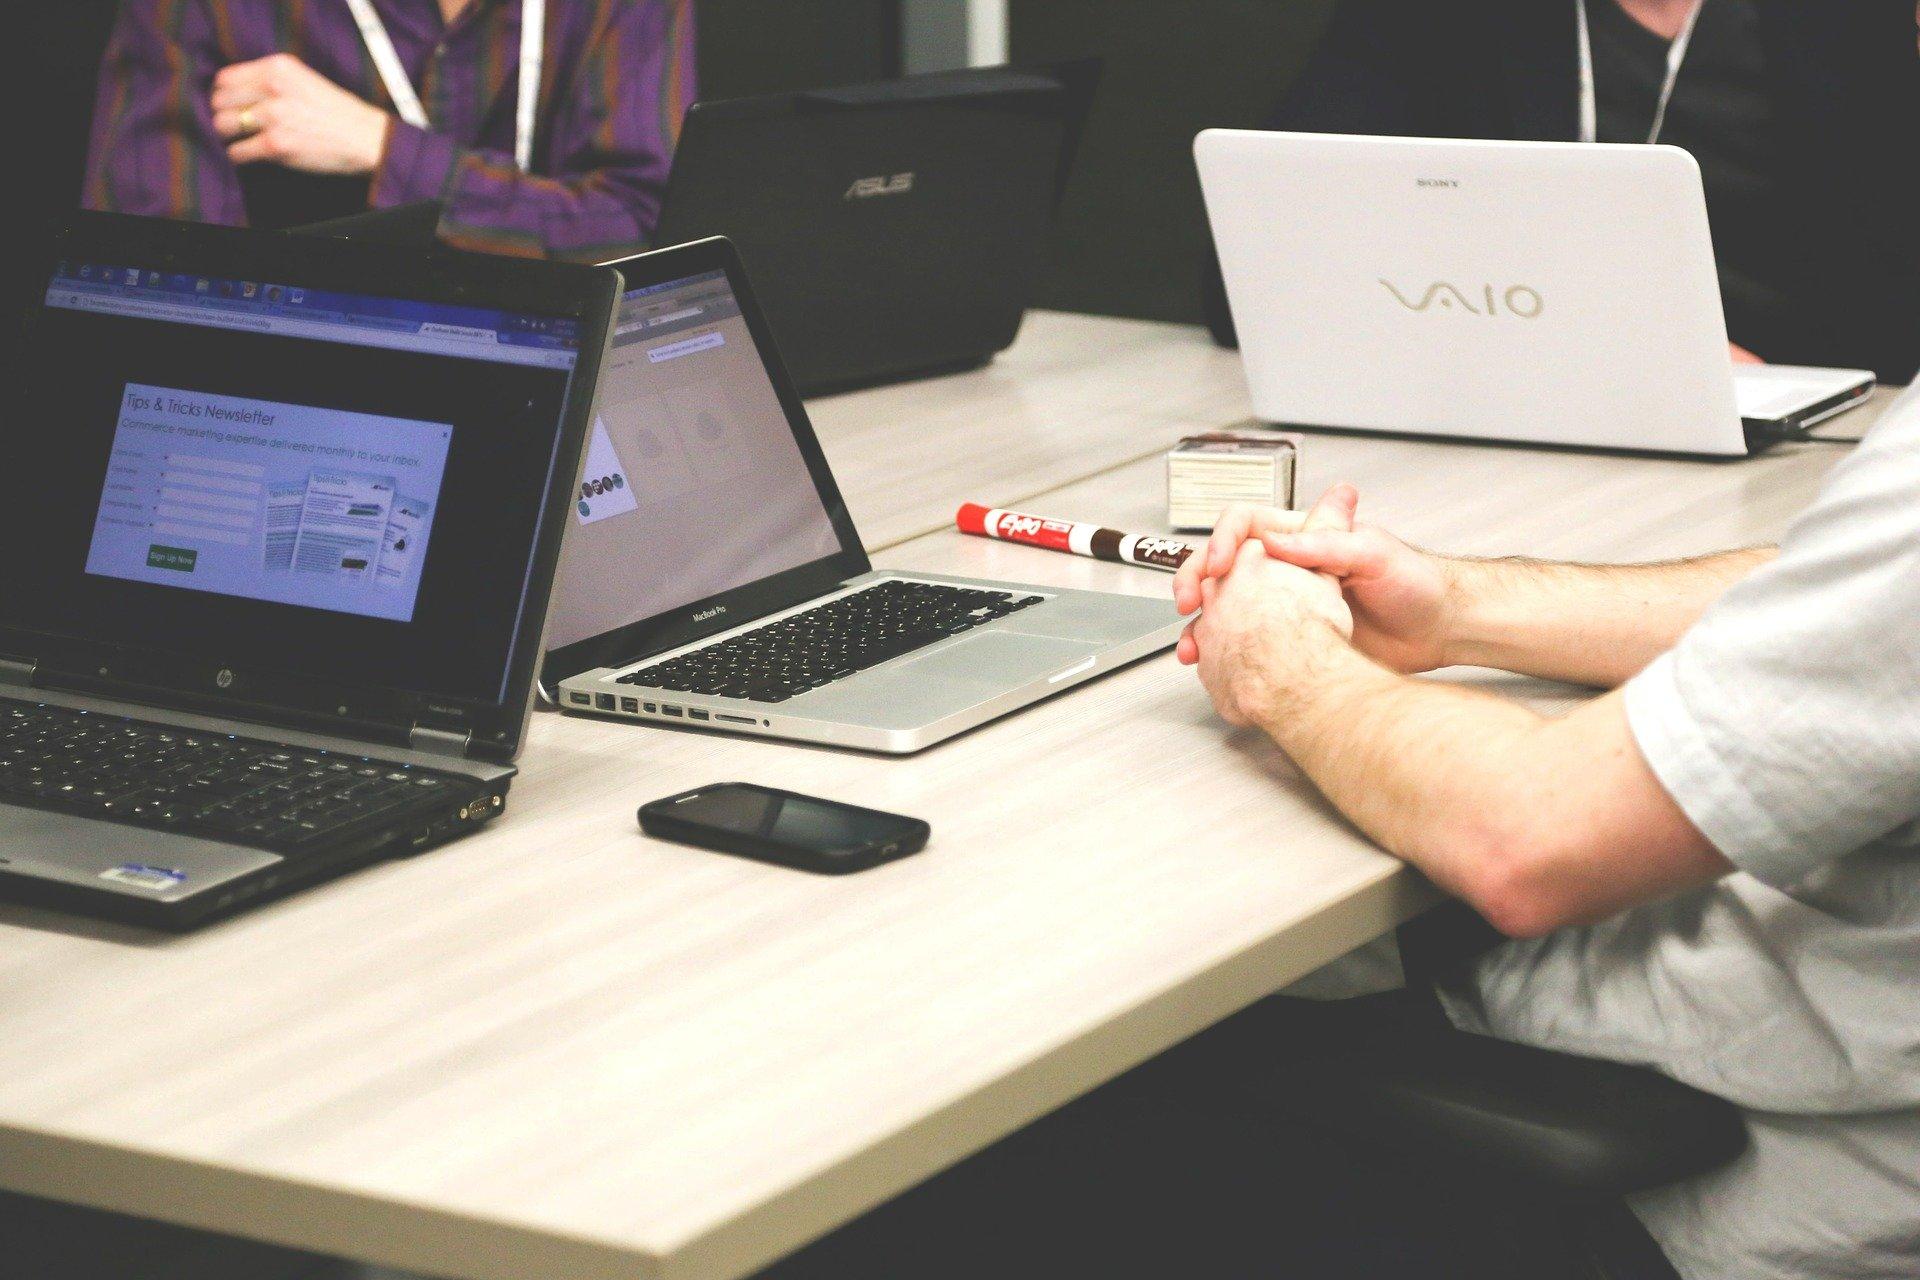 Trabajar con la mejor tecnología